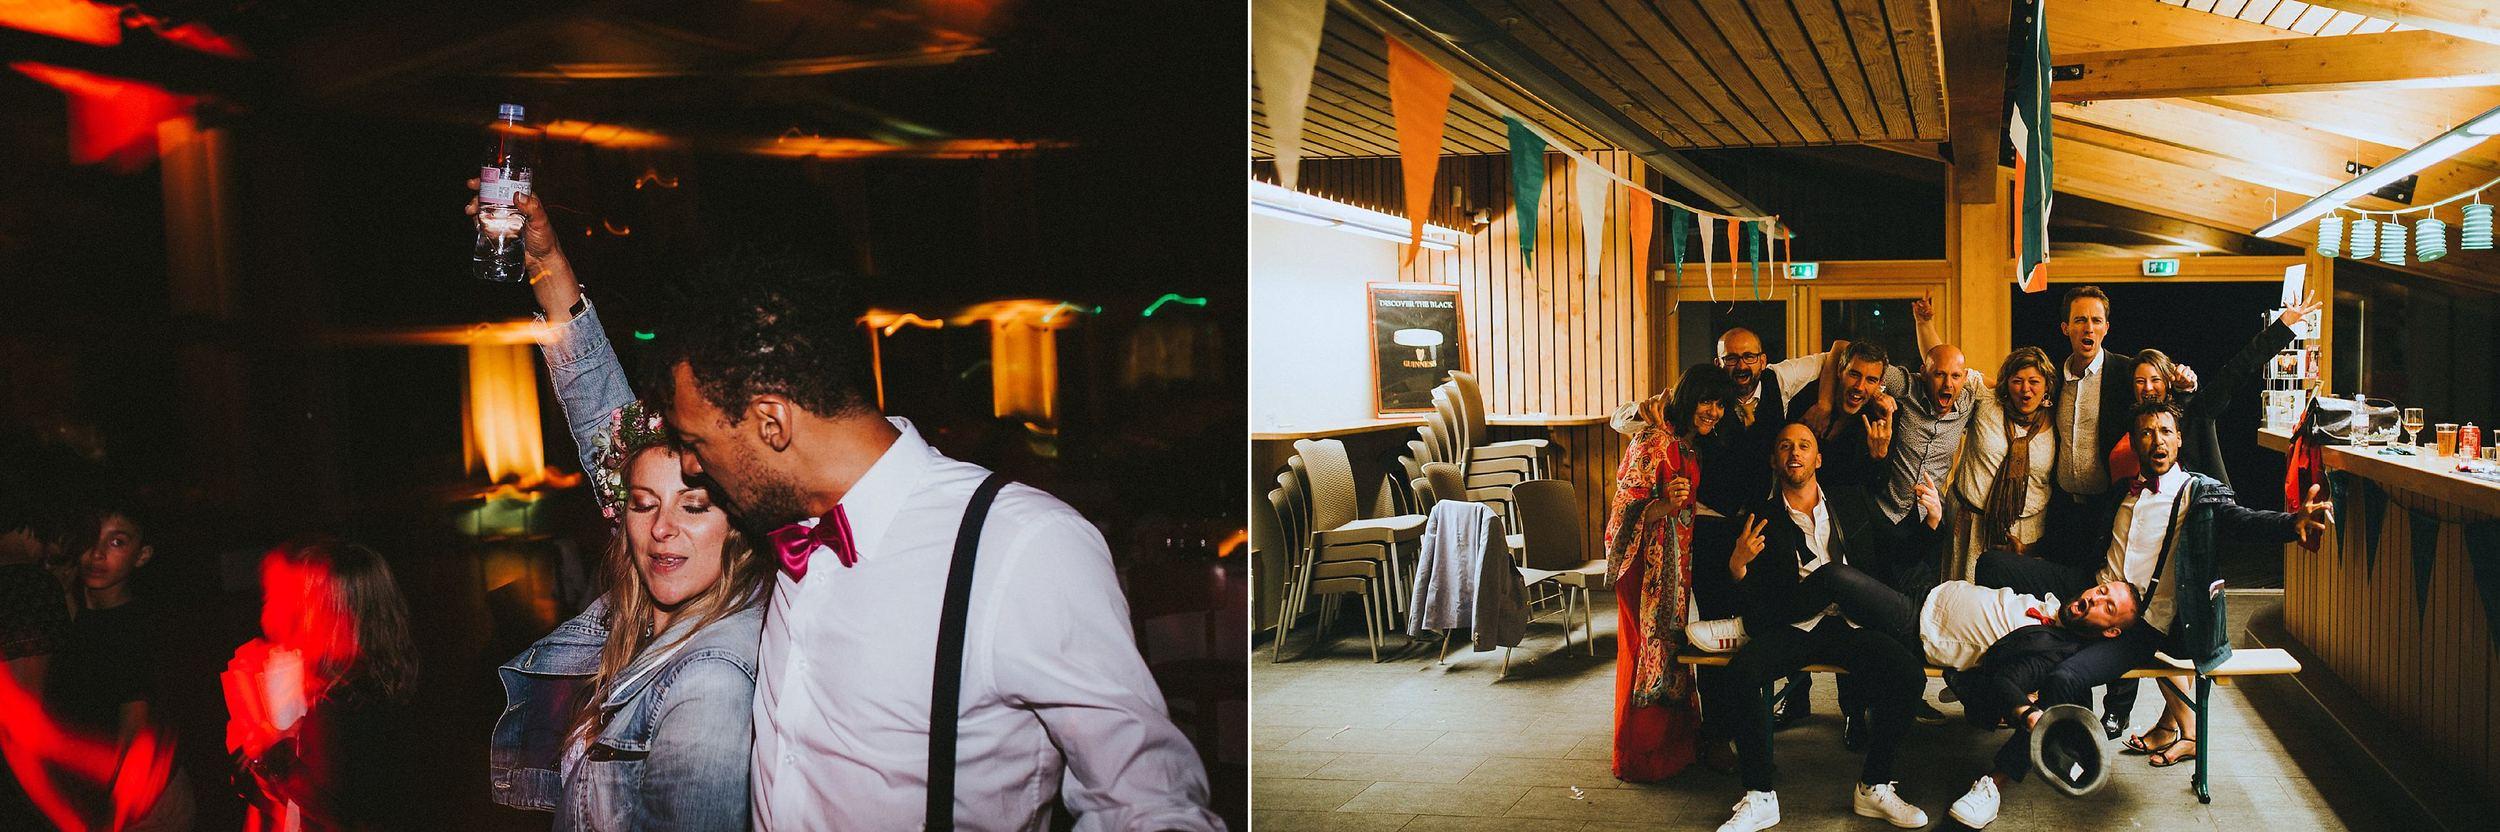 mariage-suisse-haute-savoie-domaine-baron-steven-bassillieaux-bordeaux-dordogne-wedding-photographe-32.jpg